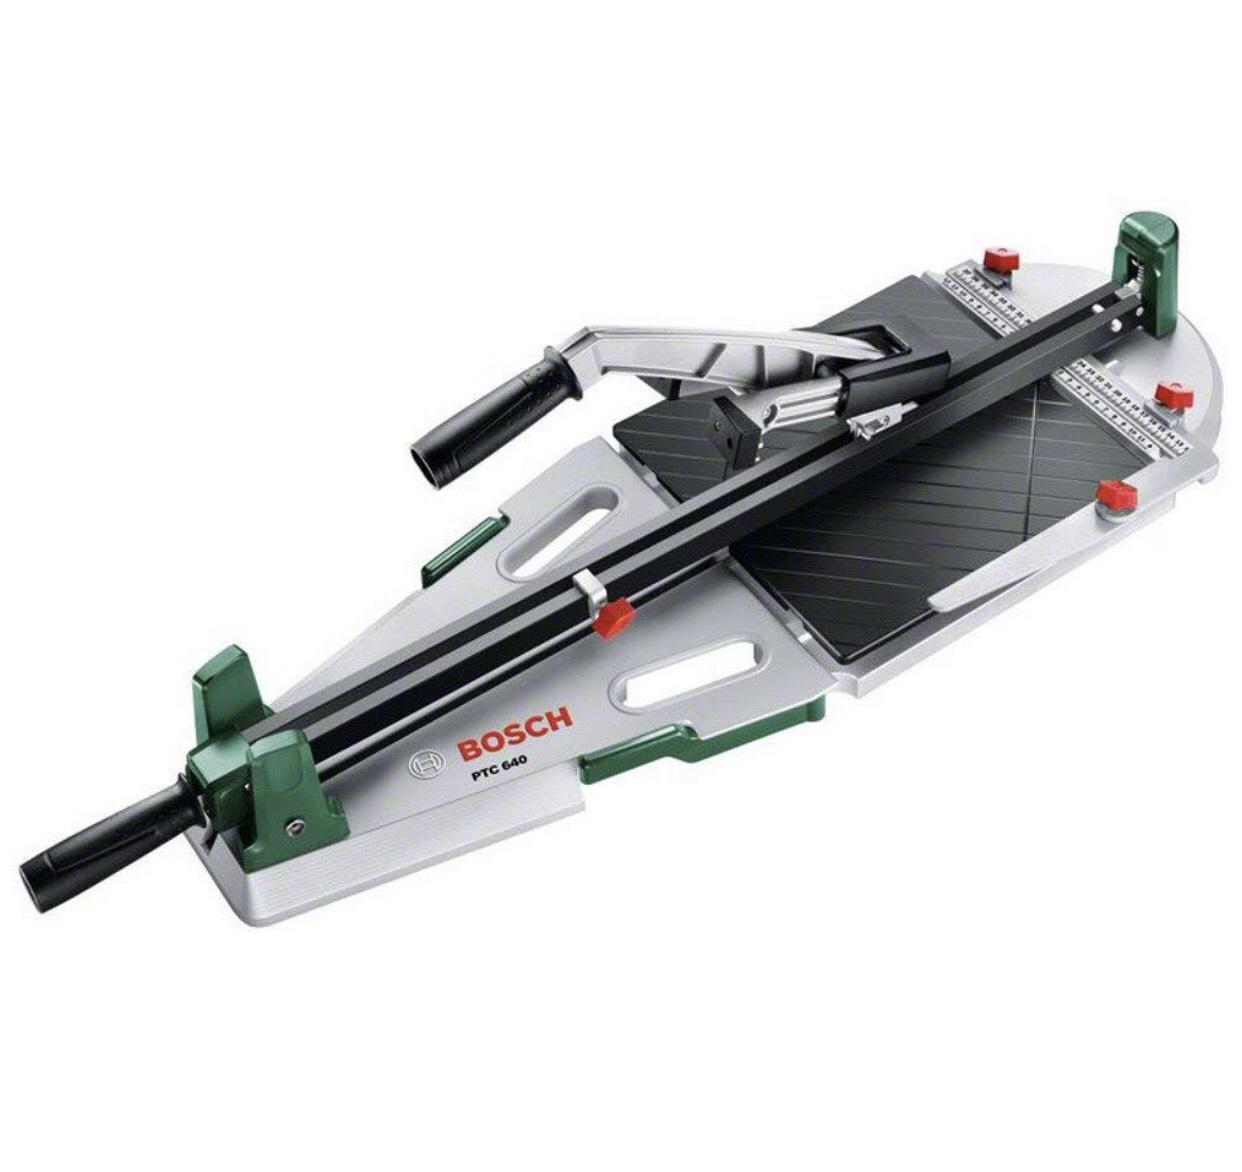 Bosch Fliesenschneider PTC 640